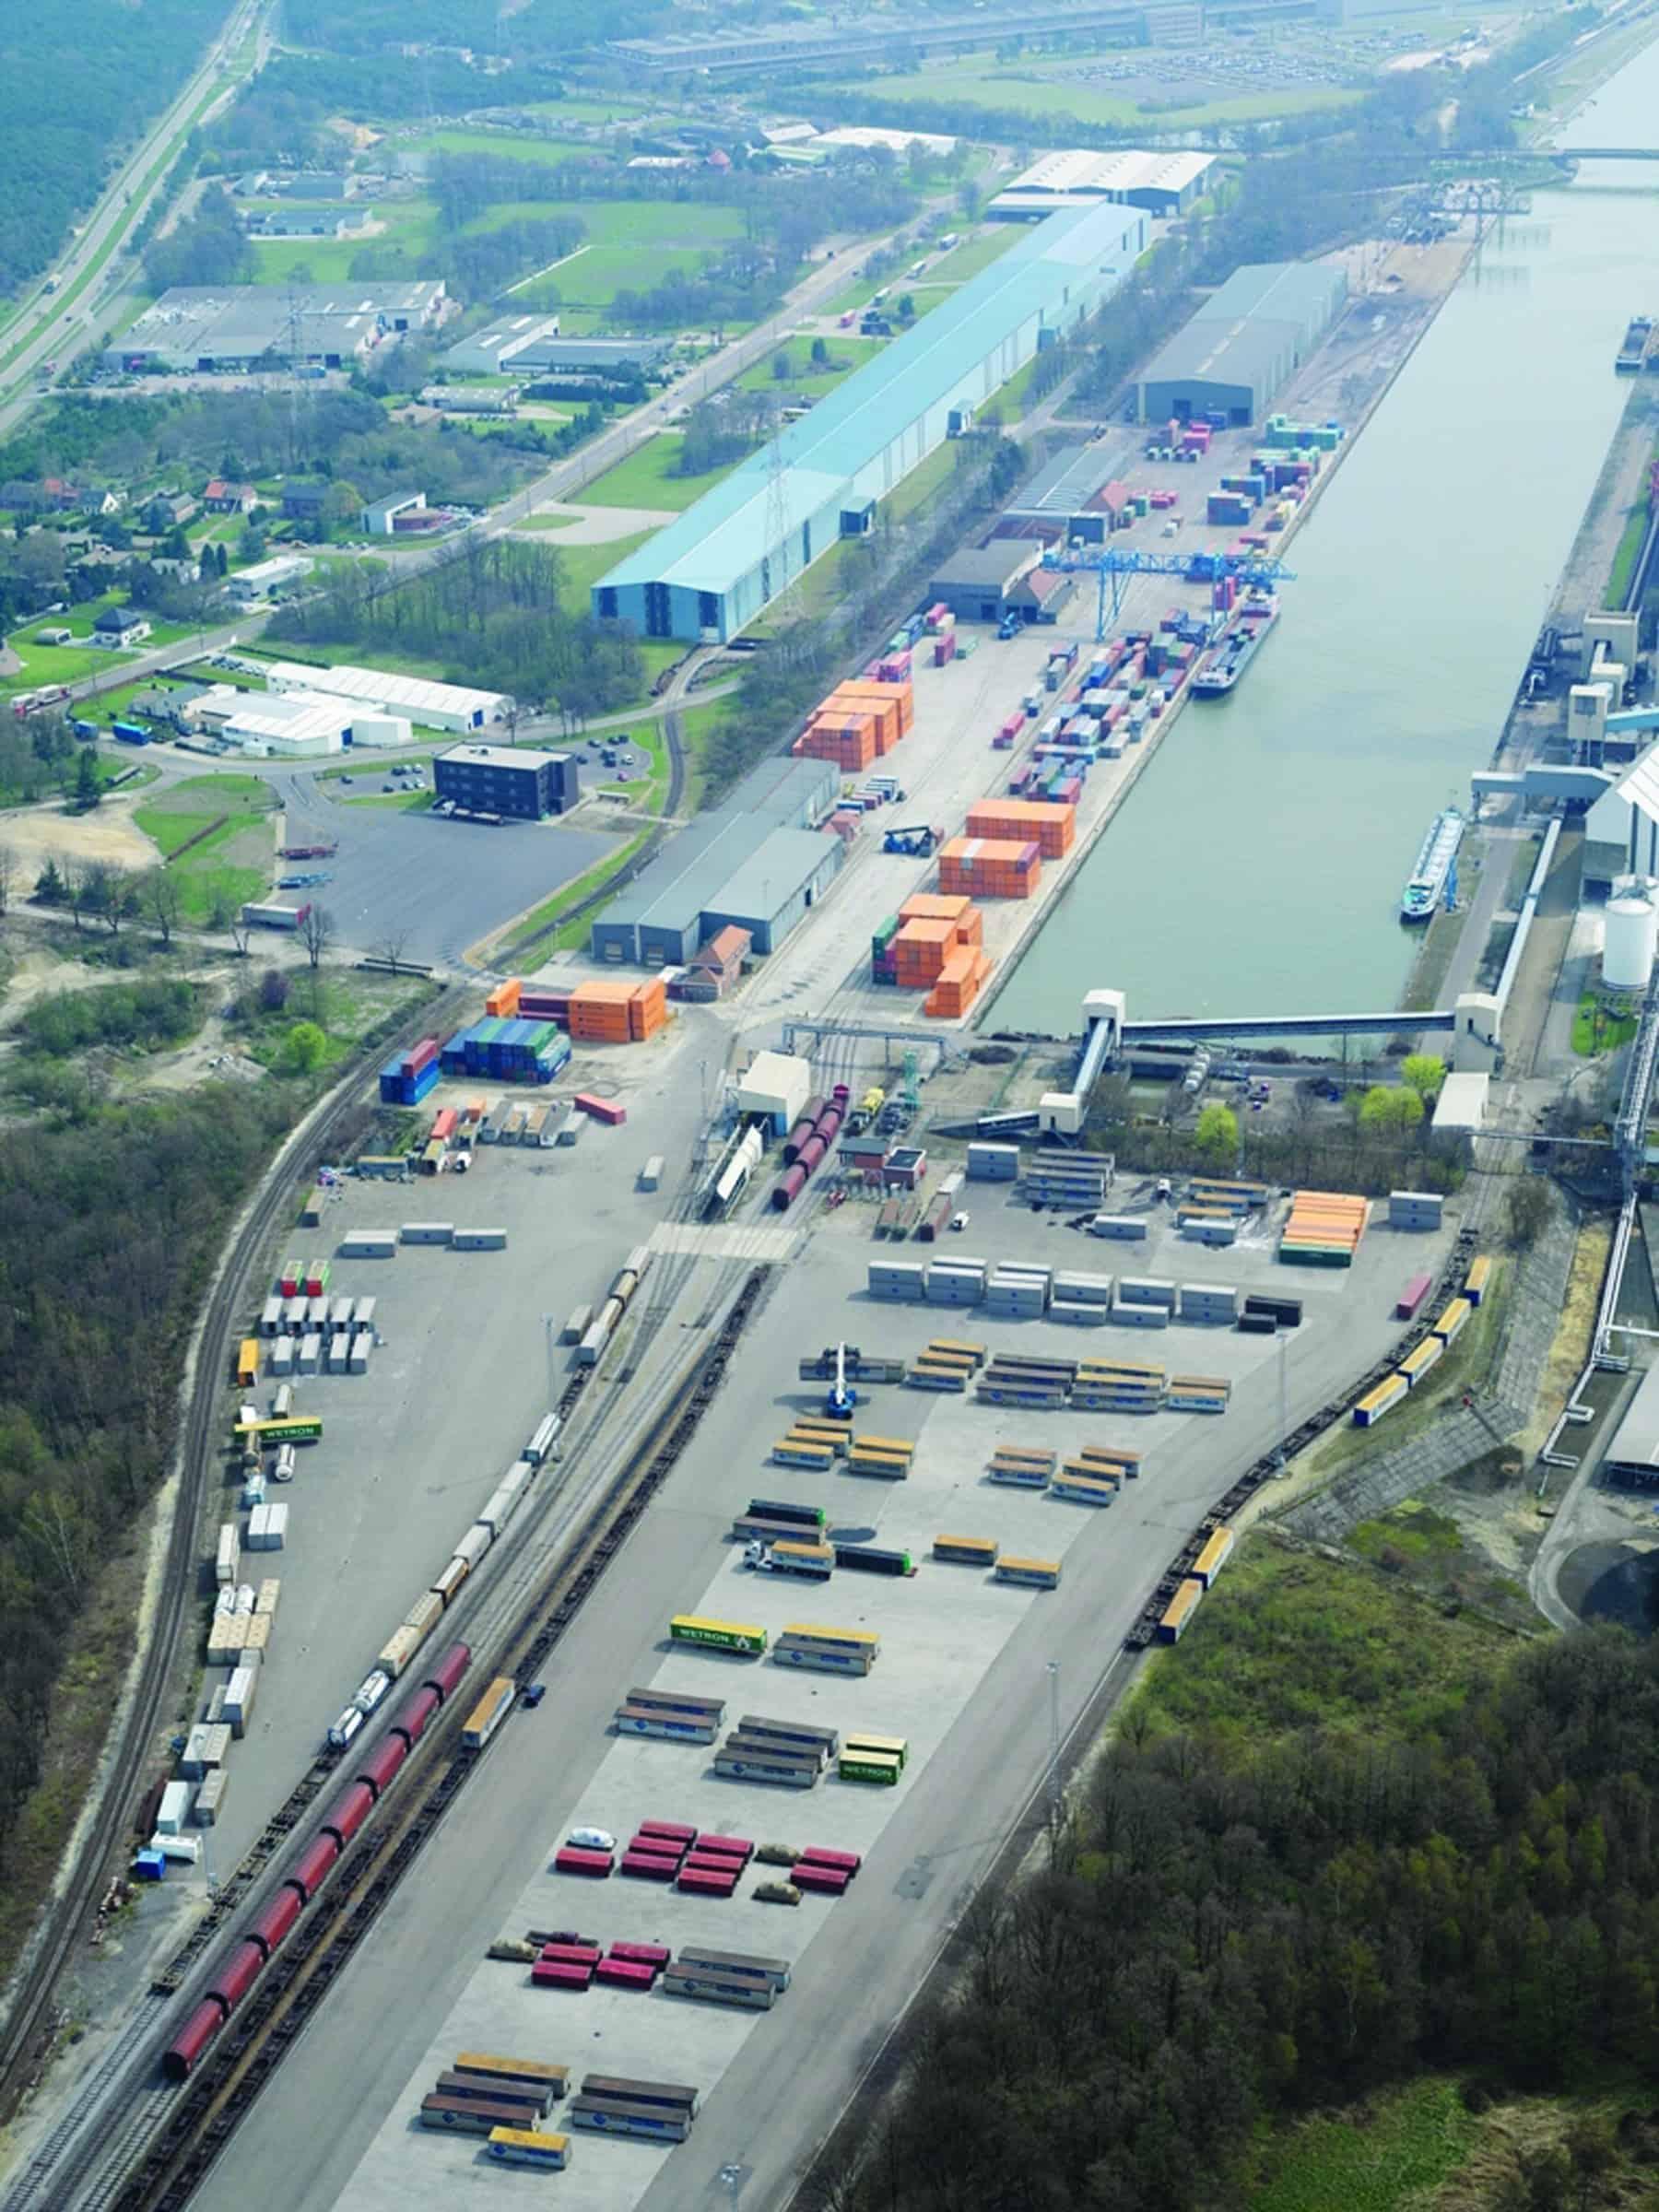 Genk is another Belgian terminal to join InlandLinks